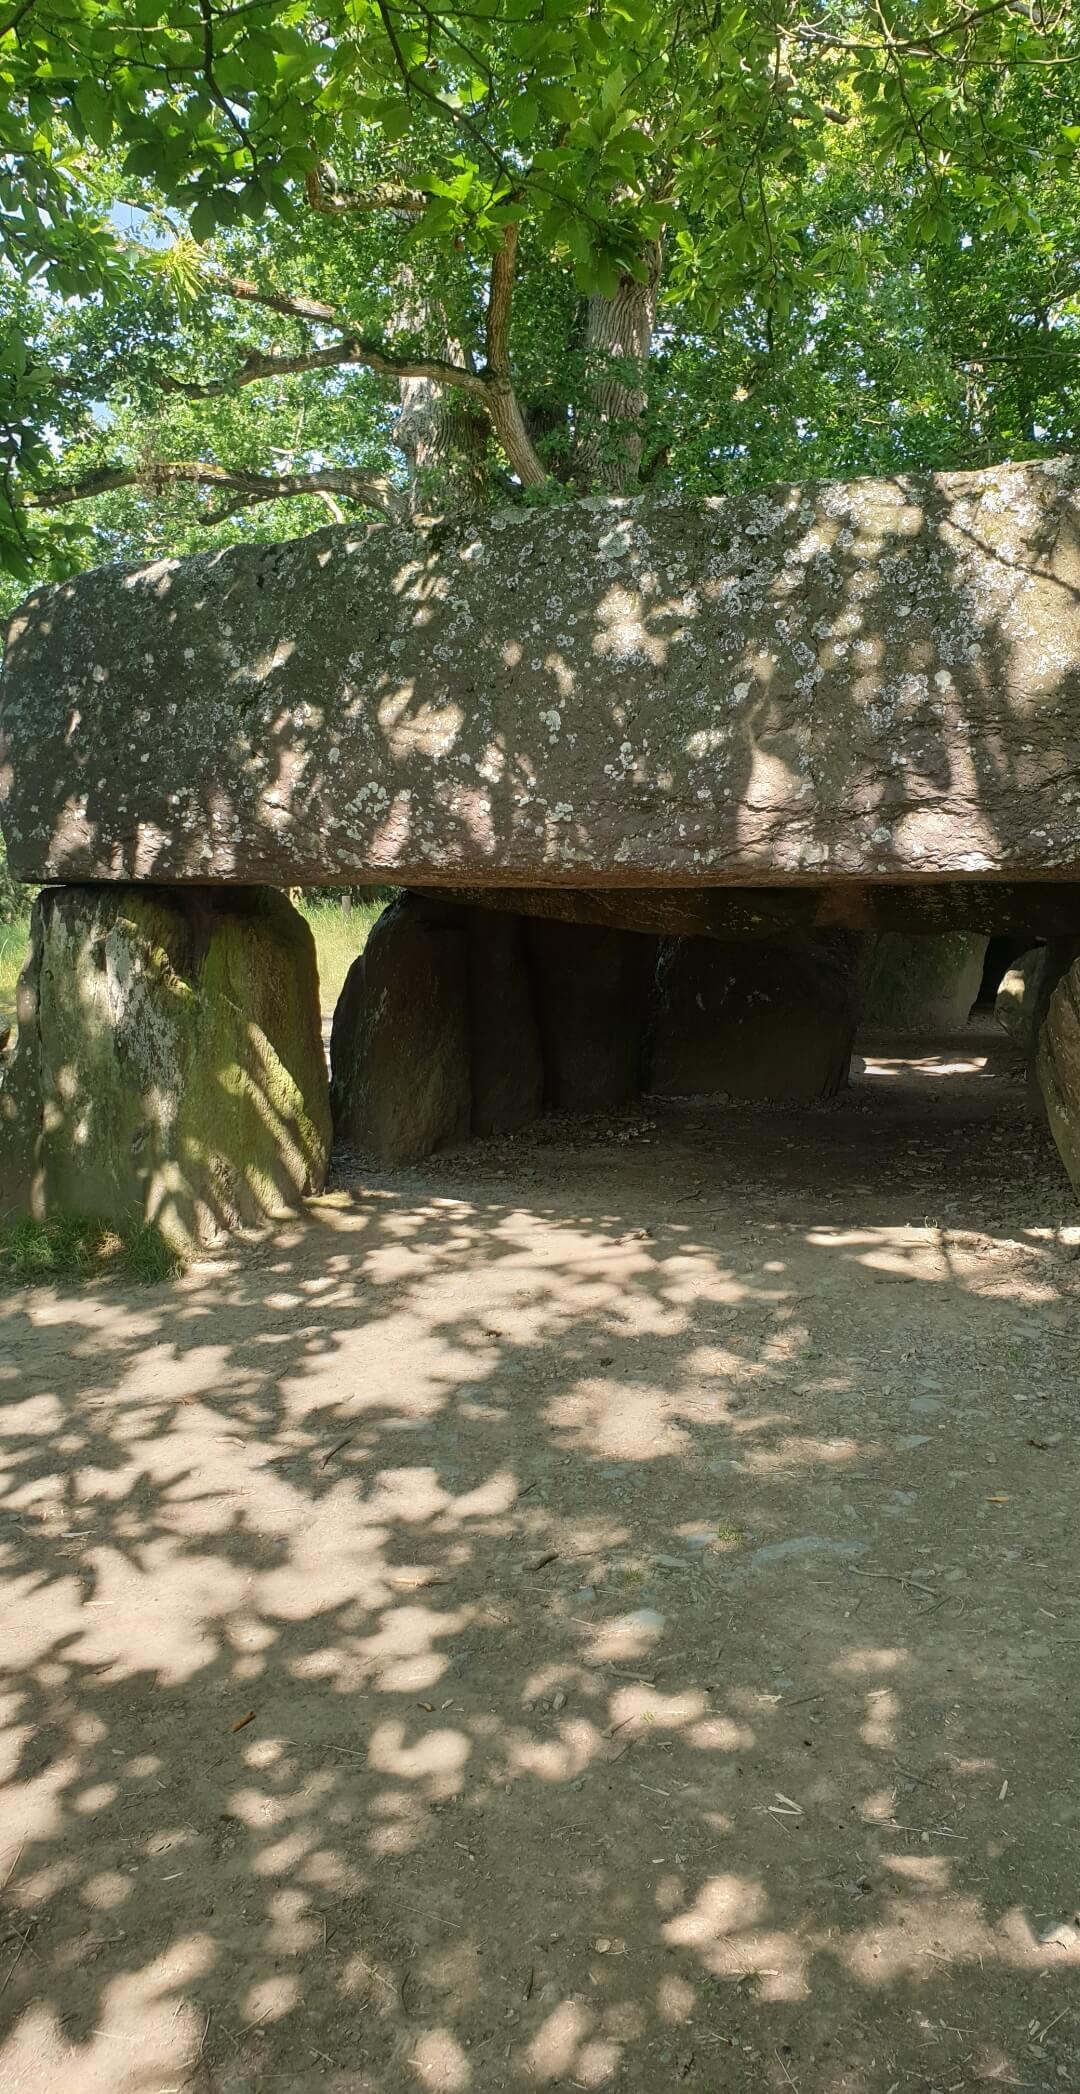 IMG 20200623 215436 244 - La Roche aux fées : une excursion historique